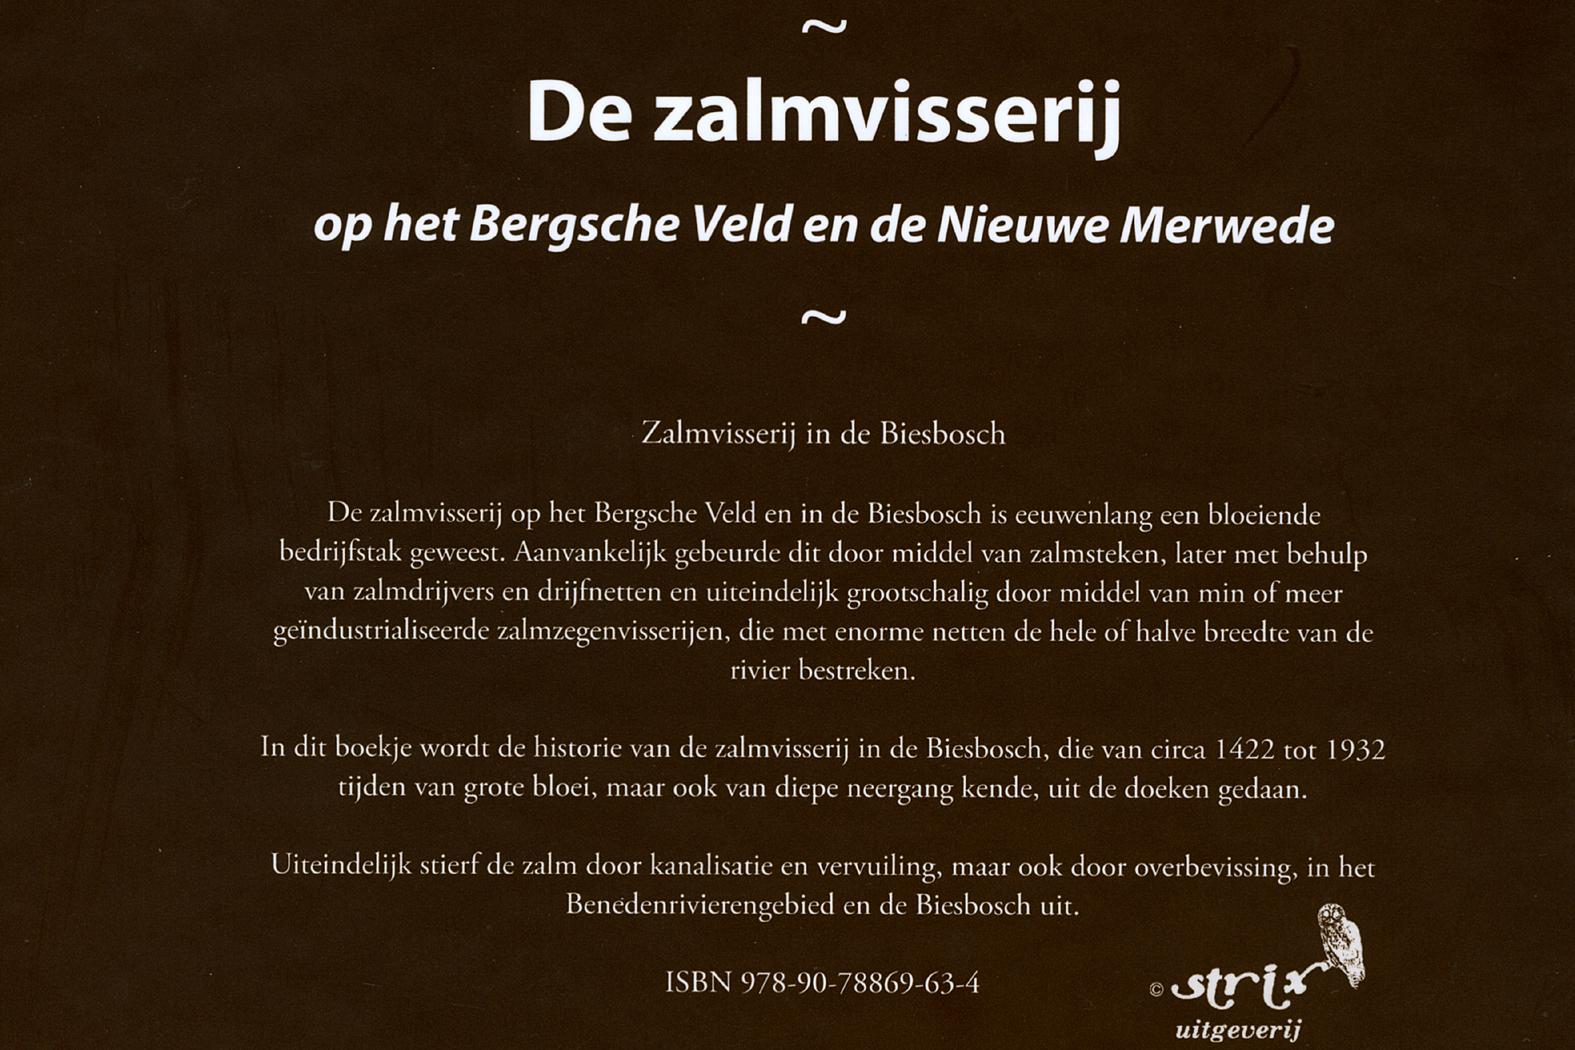 De zalmvisserij op het Bergsche Veld en de Nieuwe Merwede_05_md